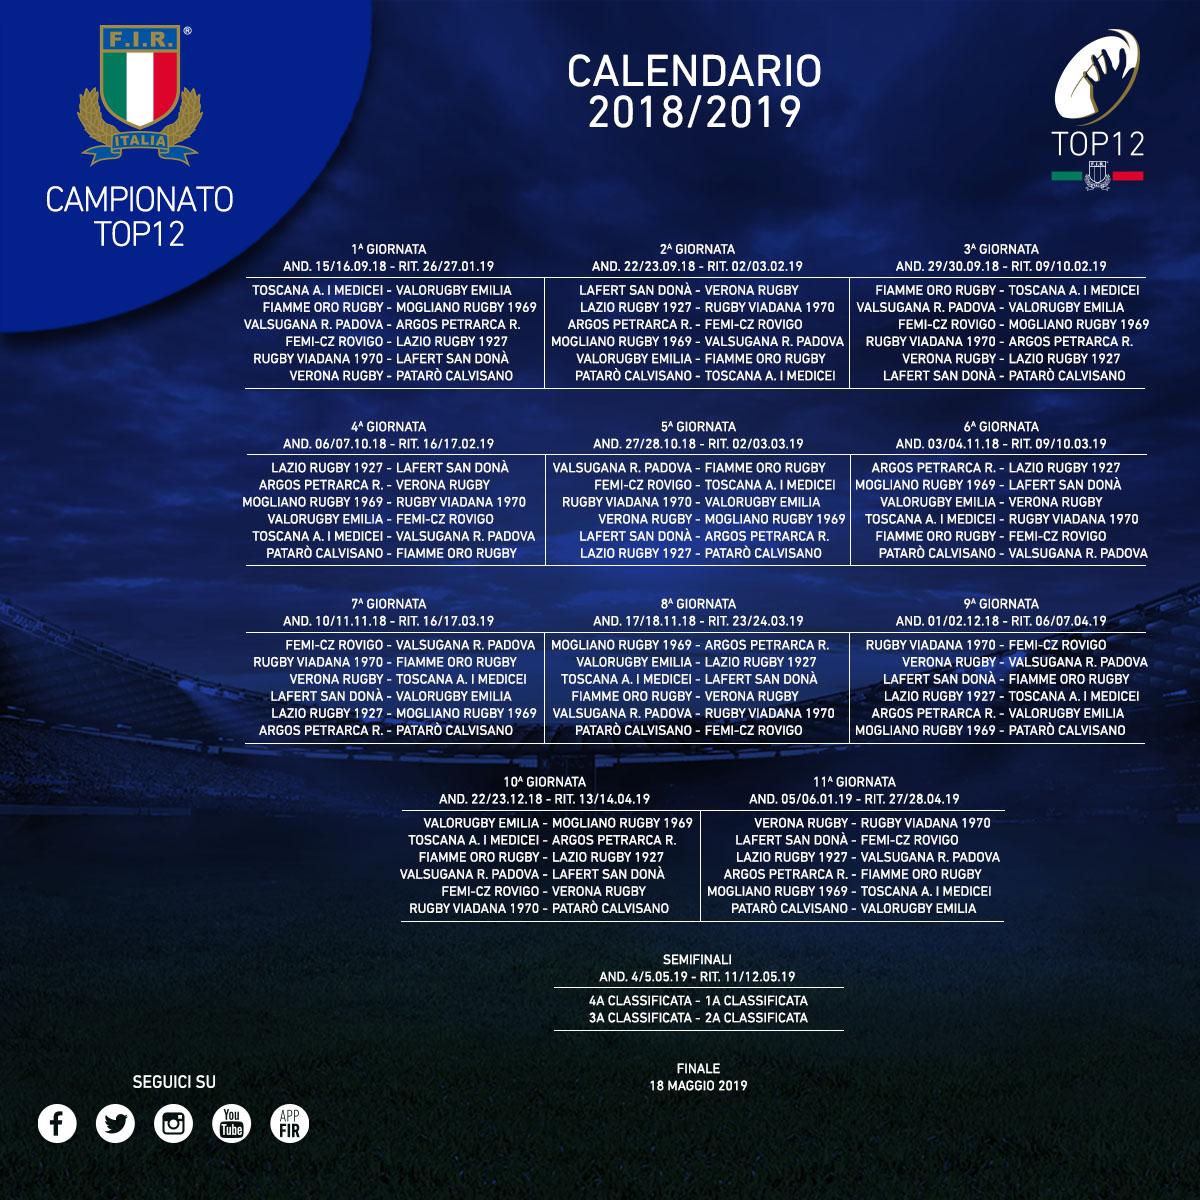 Calendario Eccellenza Toscana.Pubblicato Il Calendario Del Top 12 2018 2019 Mogliano